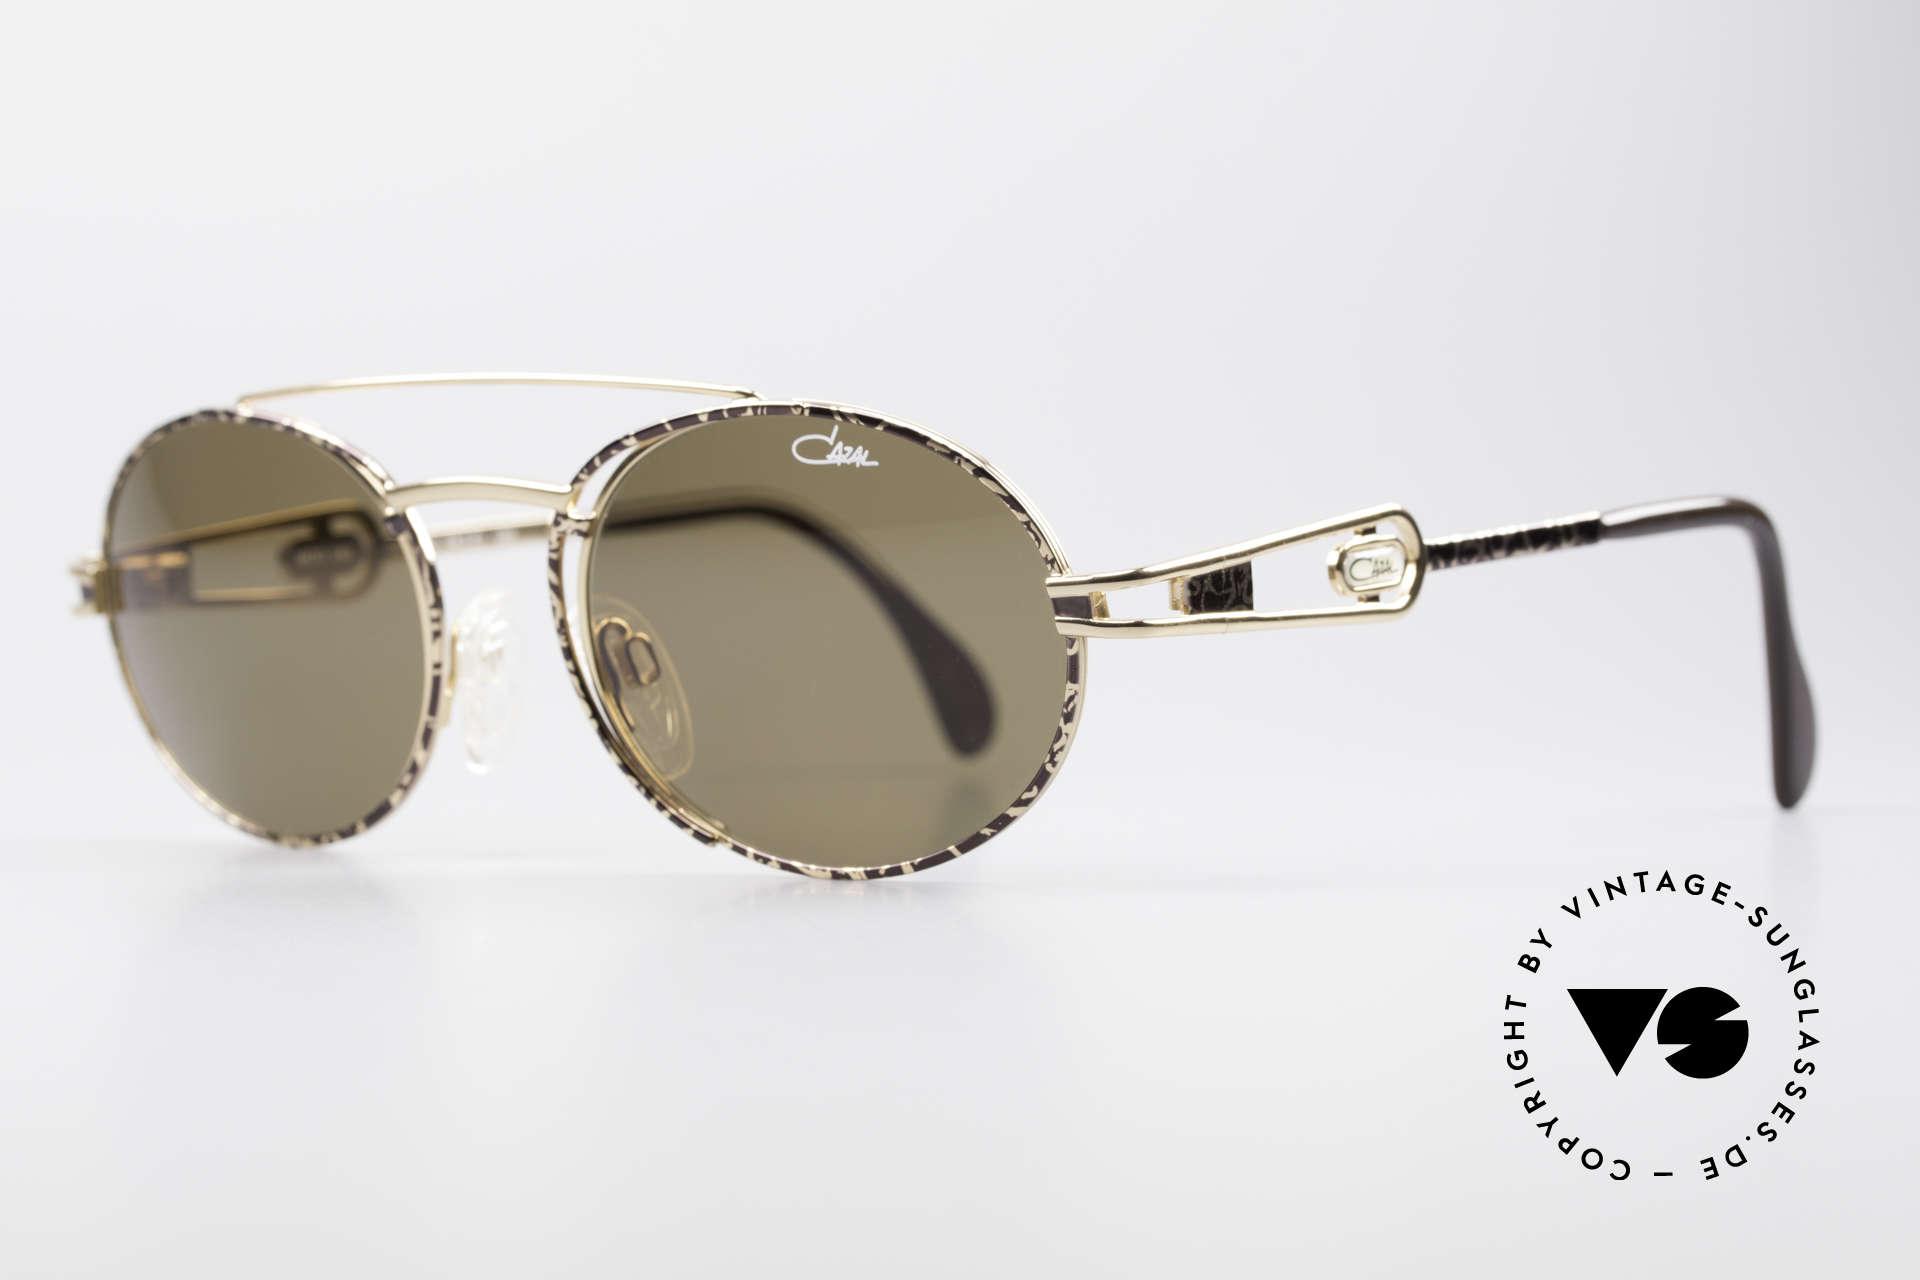 Cazal 965 Ovale 90er Sonnenbrille, herausragende Qualität (muss man einfach fühlen!), Passend für Herren und Damen